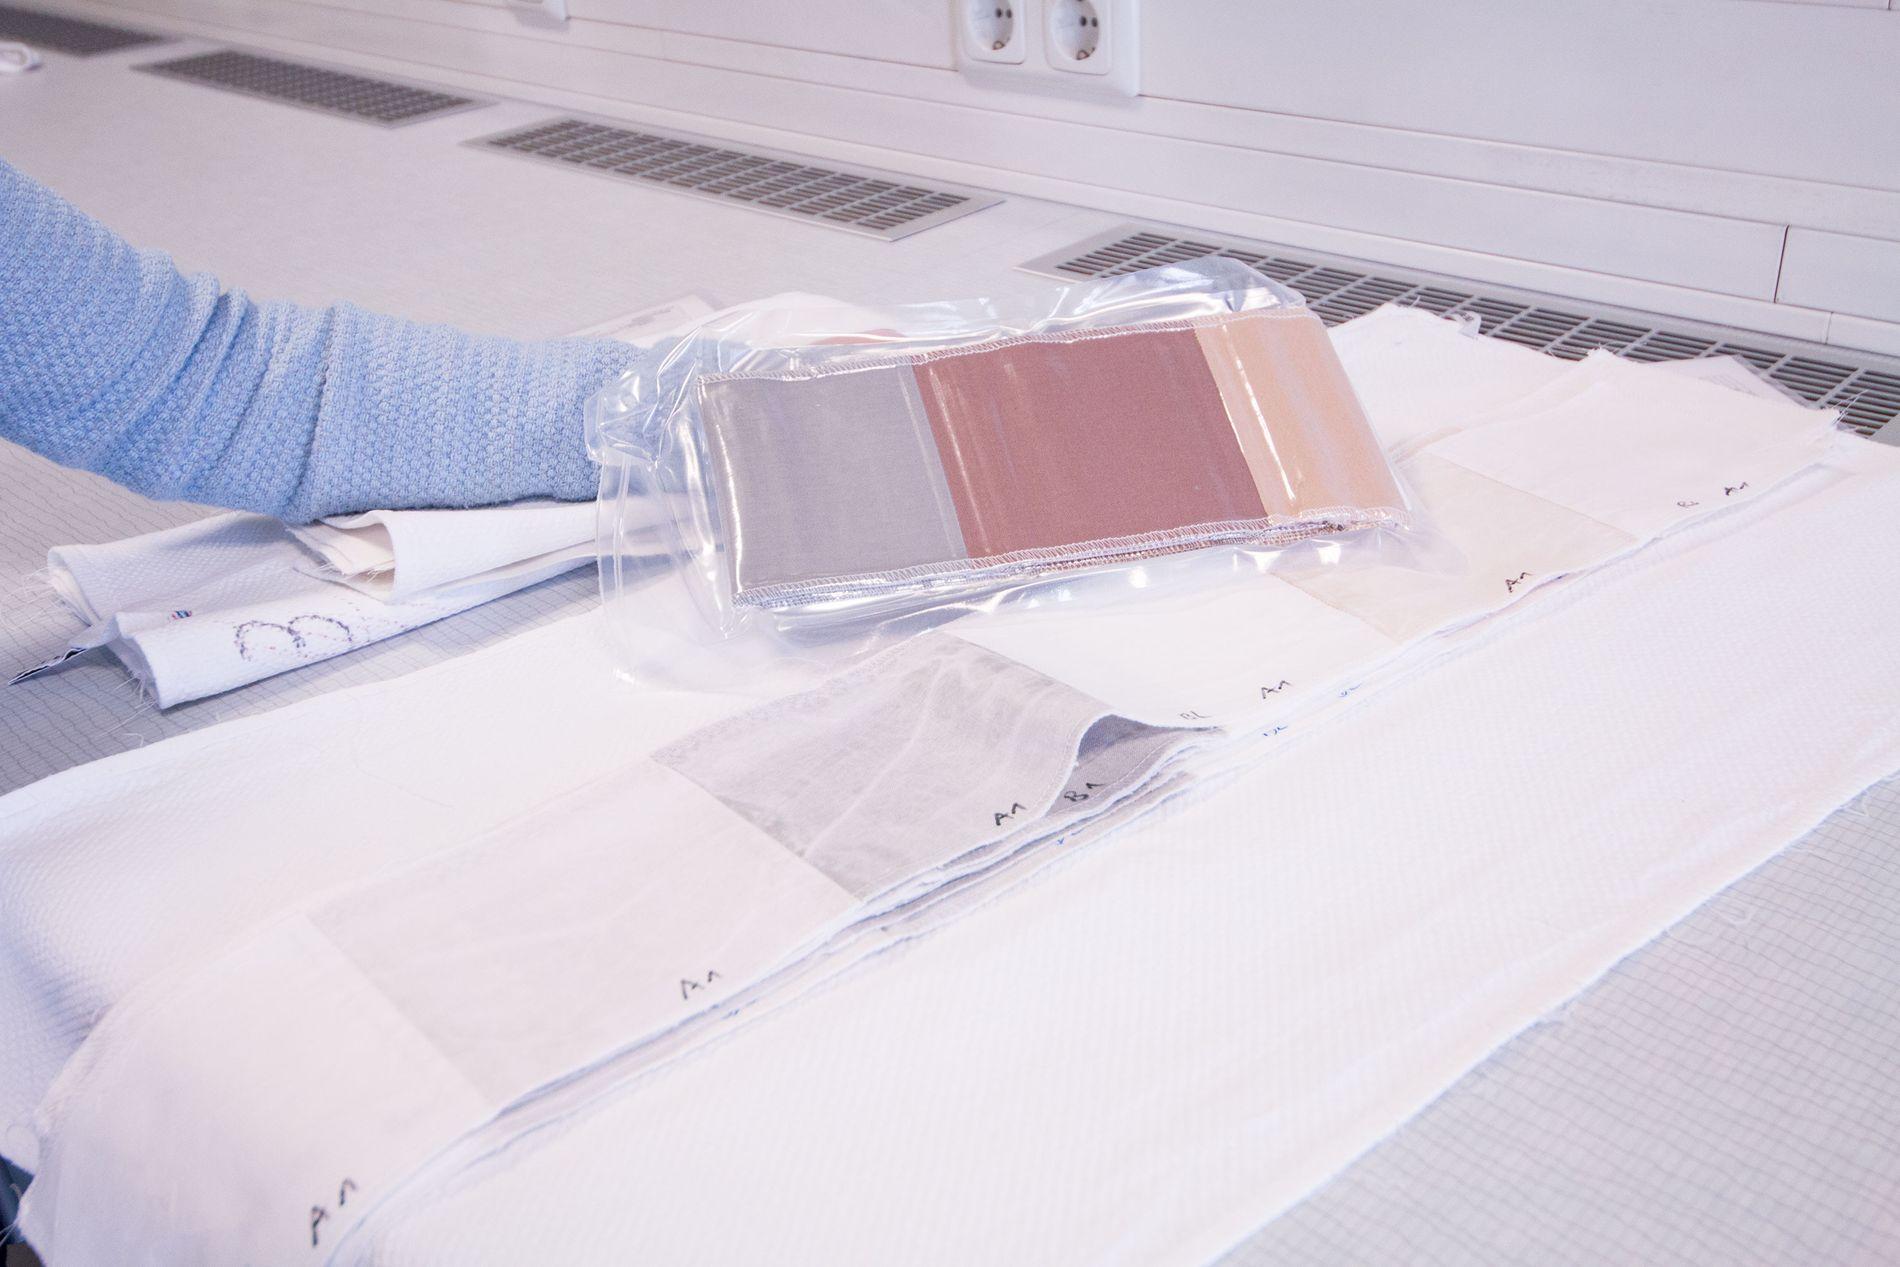 Blod og svette: Disse stripene, syntetiske fargestoffer som etterlikner flekker, sier noe om hvor godt en vaskemaskin utfører jobben sin. Her er blod og svette, samt kakao og olje representert. Jo nærmere en ren bomullstripe vaskemaskinen kommer, jo bedre.